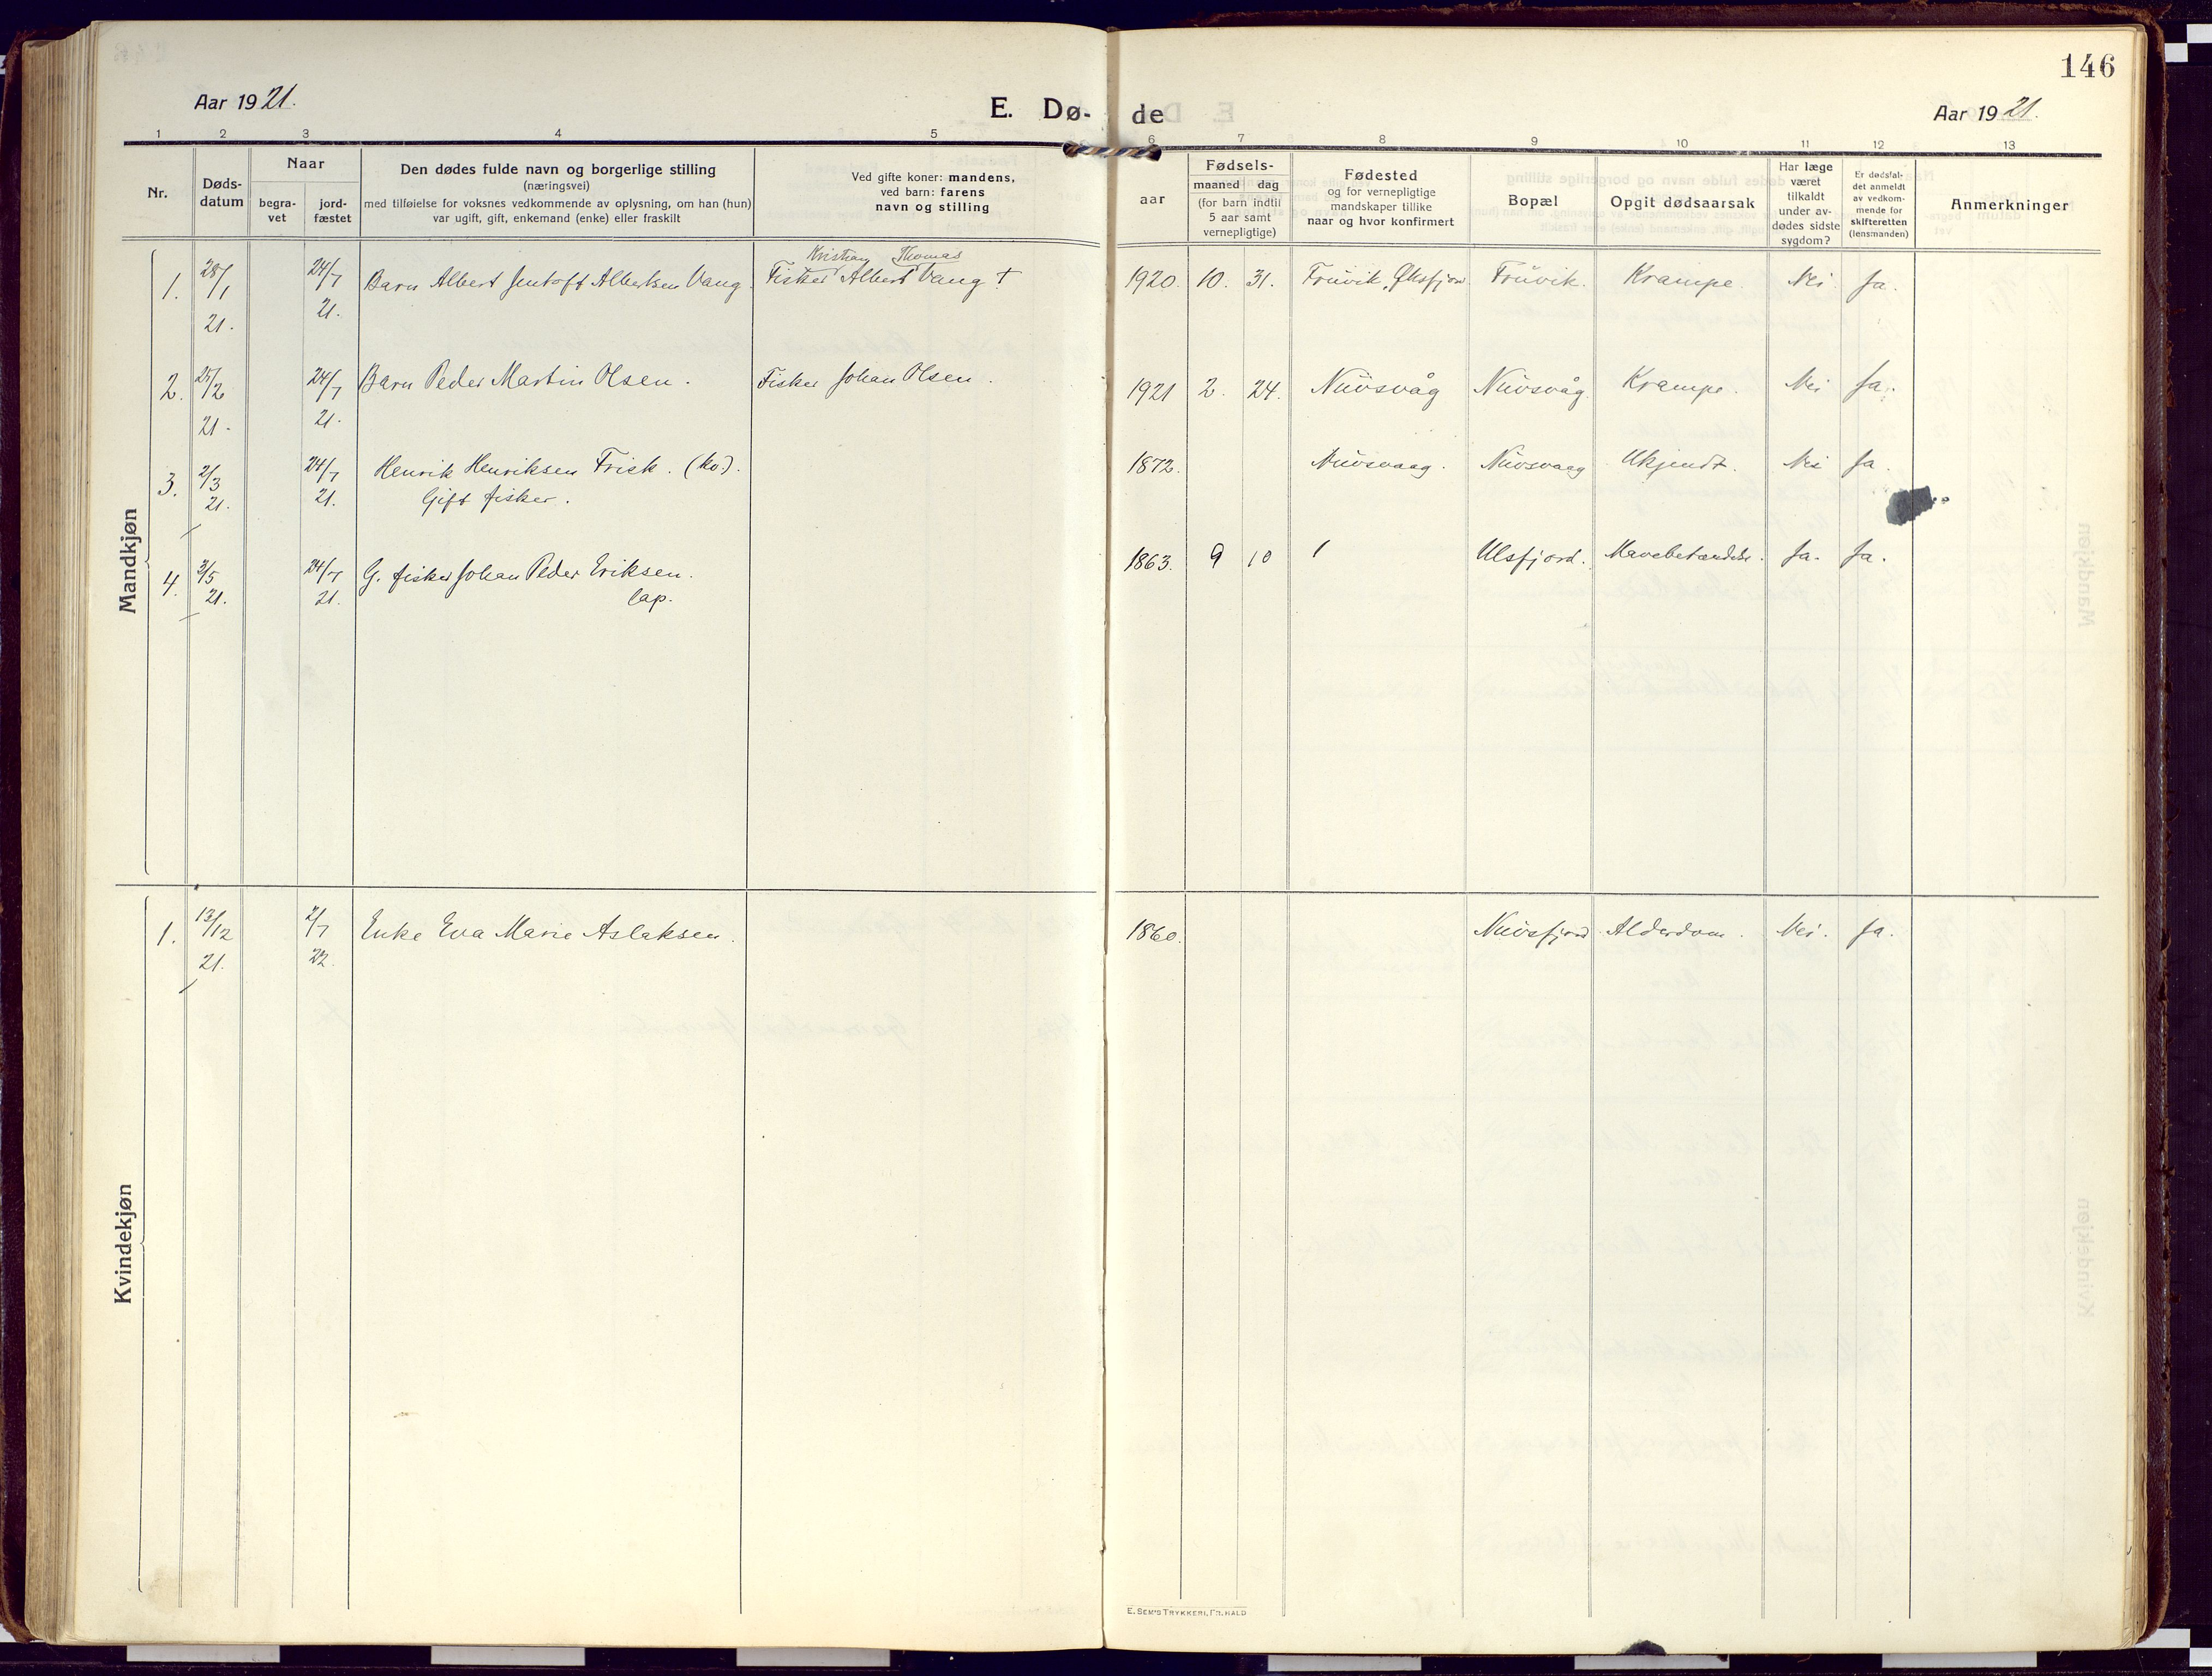 SATØ, Loppa sokneprestkontor, H/Ha/L0012kirke: Ministerialbok nr. 12, 1917-1932, s. 146